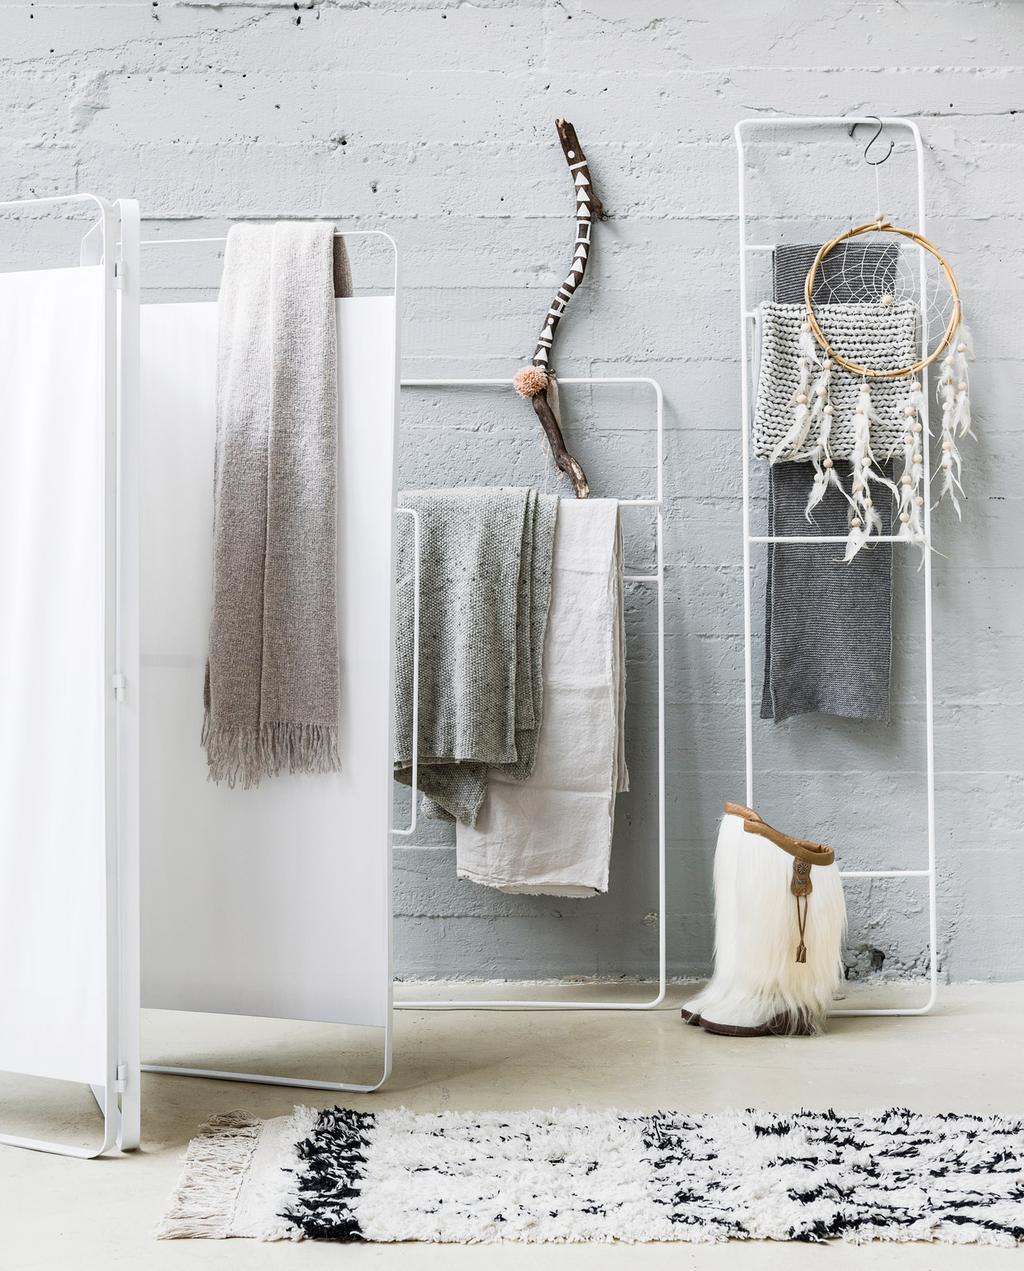 vtwonen | basic slaapkamer met kledingrekken